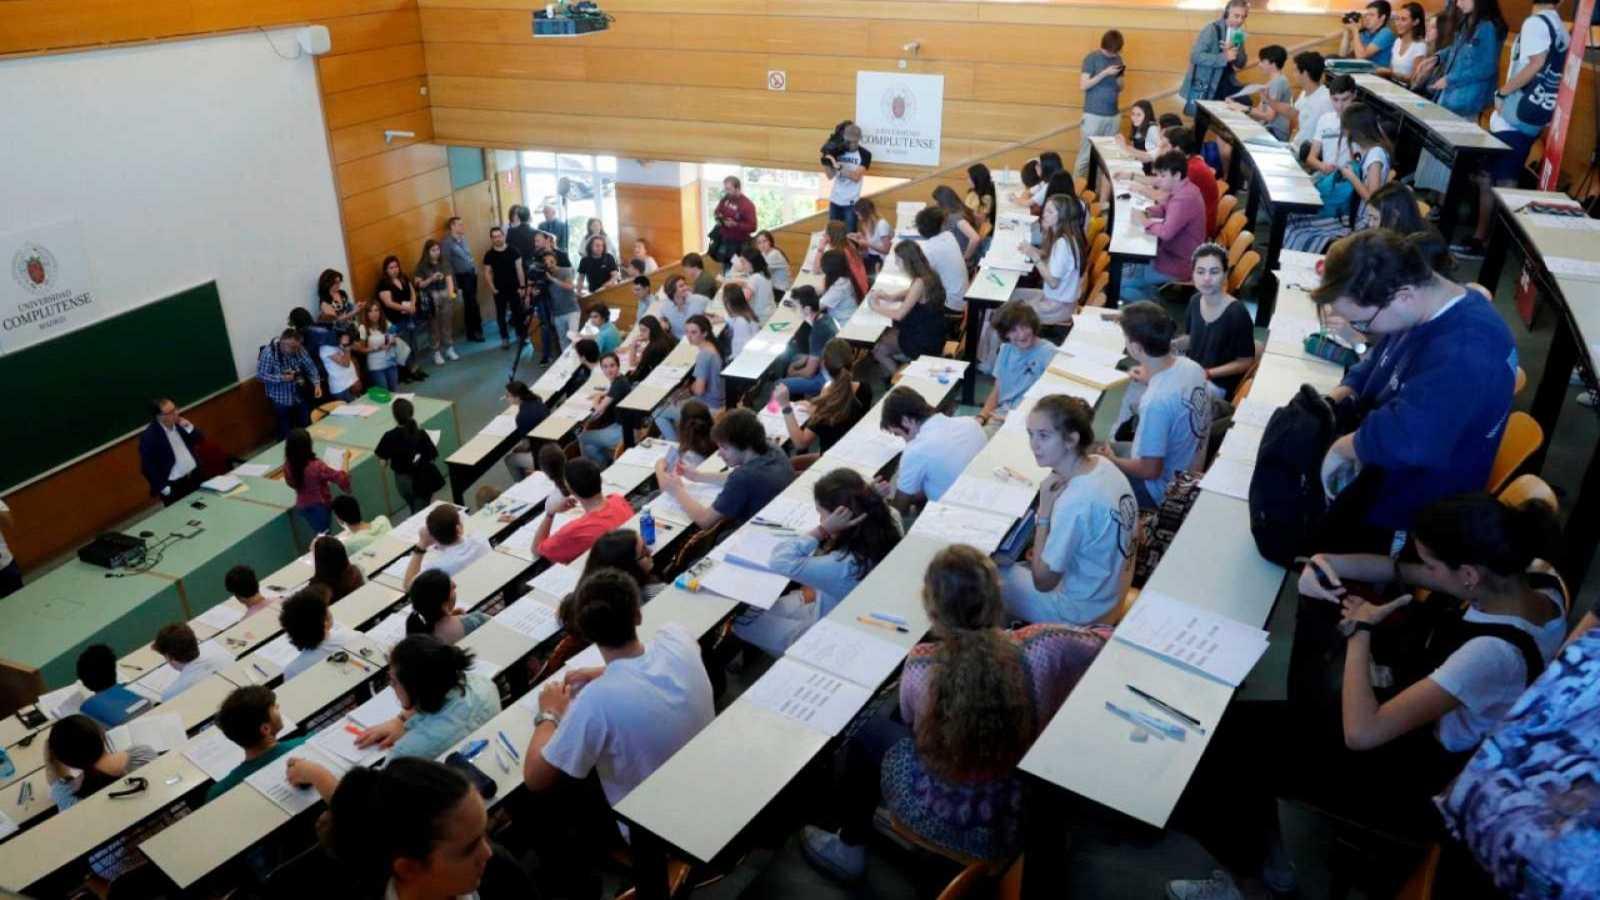 Universidades propone combinar las clases 'online' y presenciales si no se puede guardar la distancia